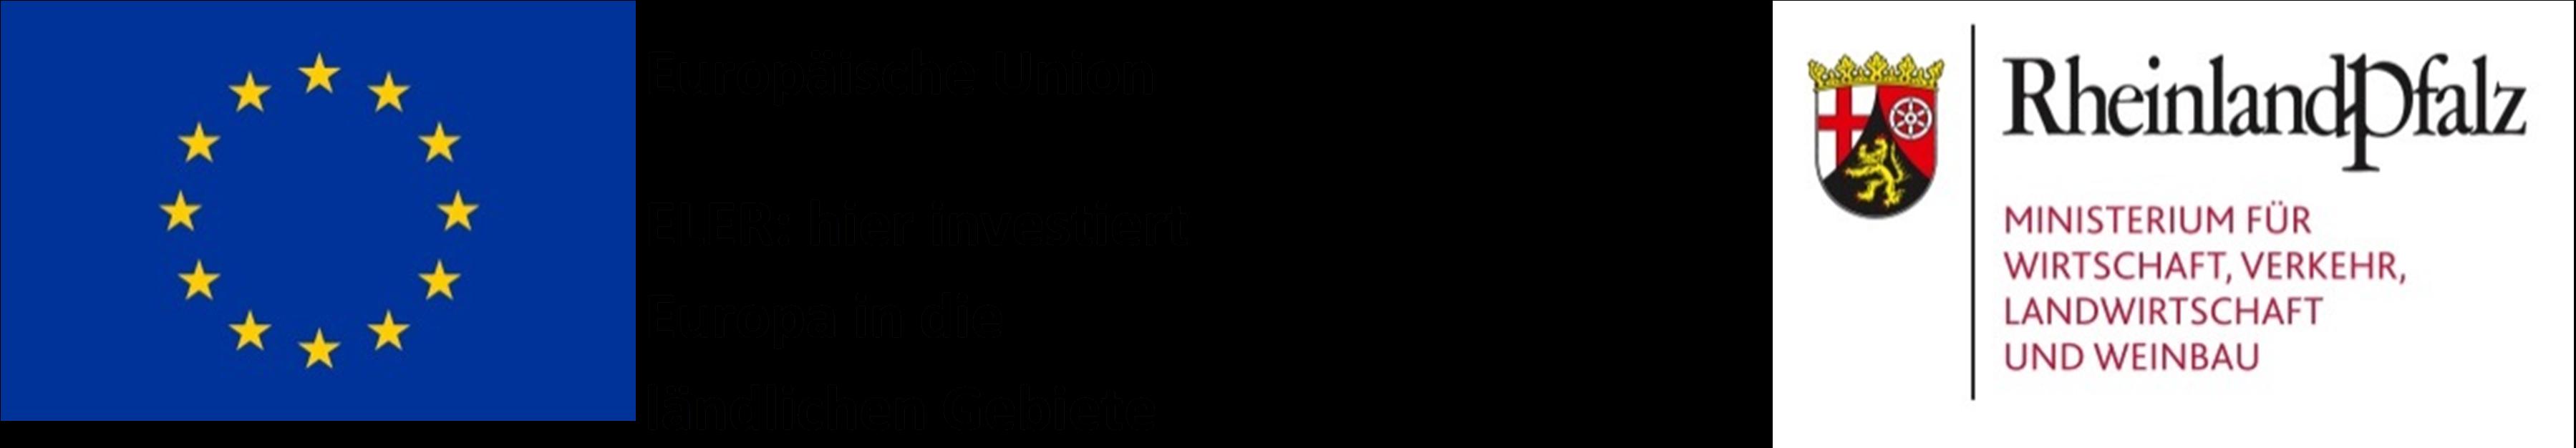 Logo EU ELER und Land Rheinland-Pfalz Ministerium für Wirtschaft, Verkehr, Landwirtschaft und Weinbau